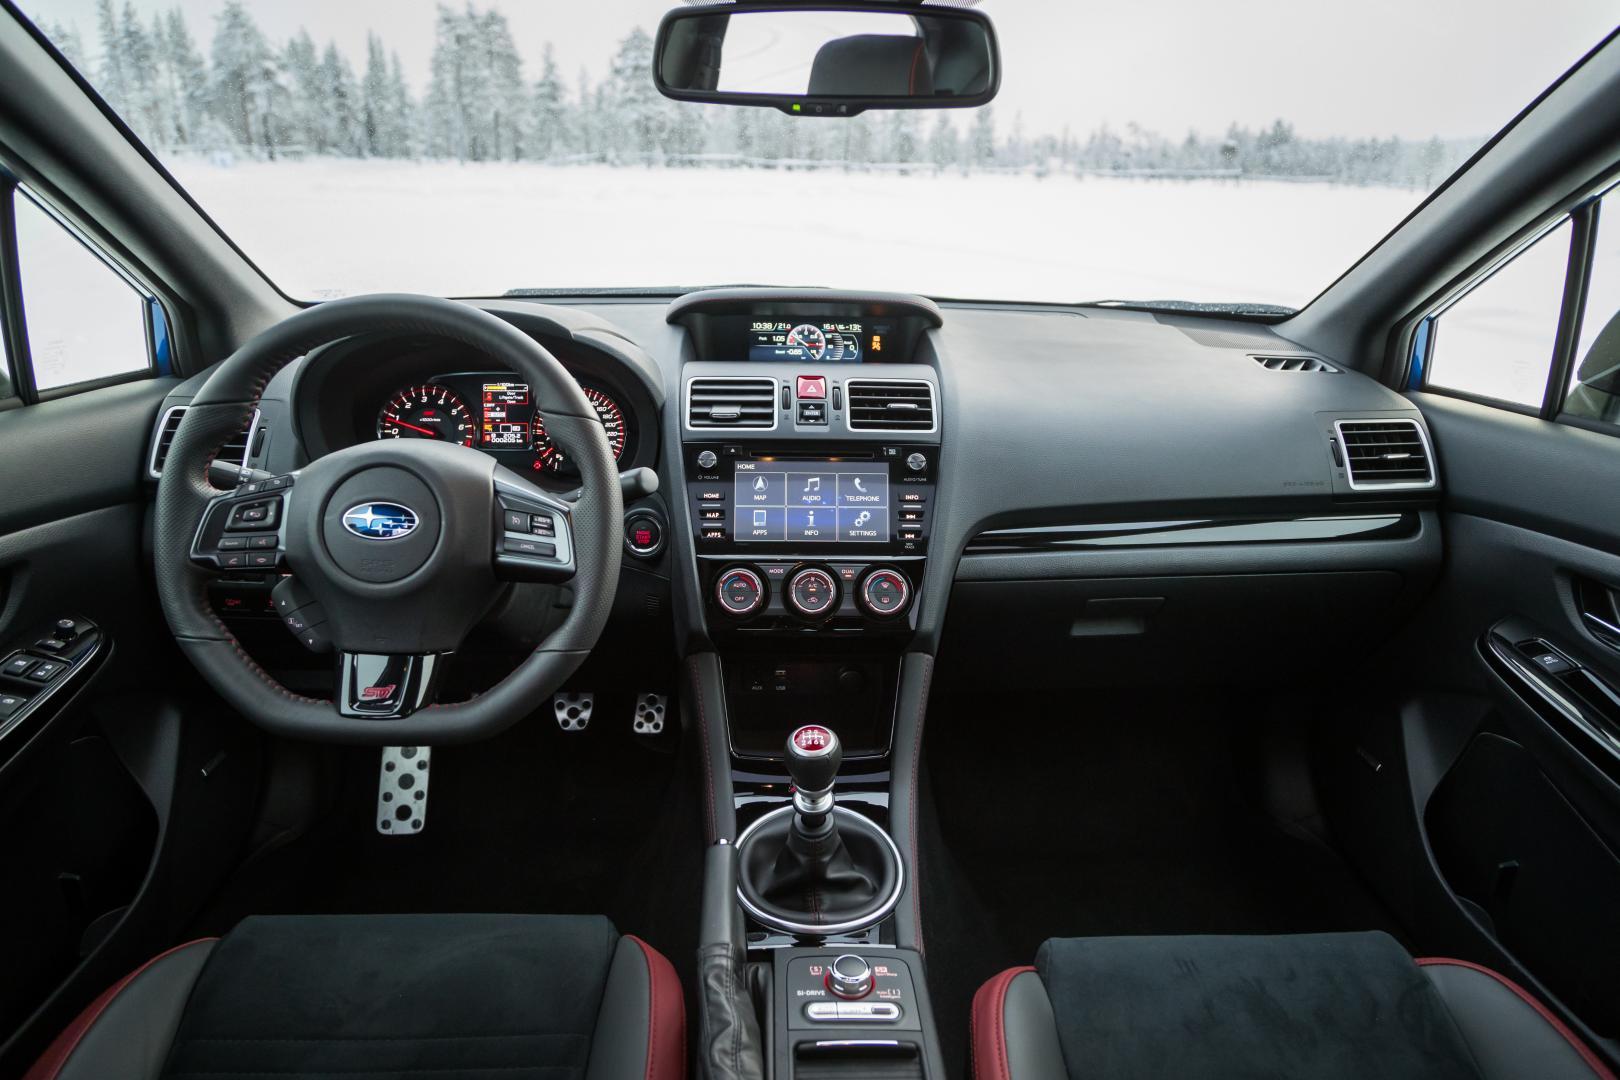 Subaru WRX STI interieur (2018)